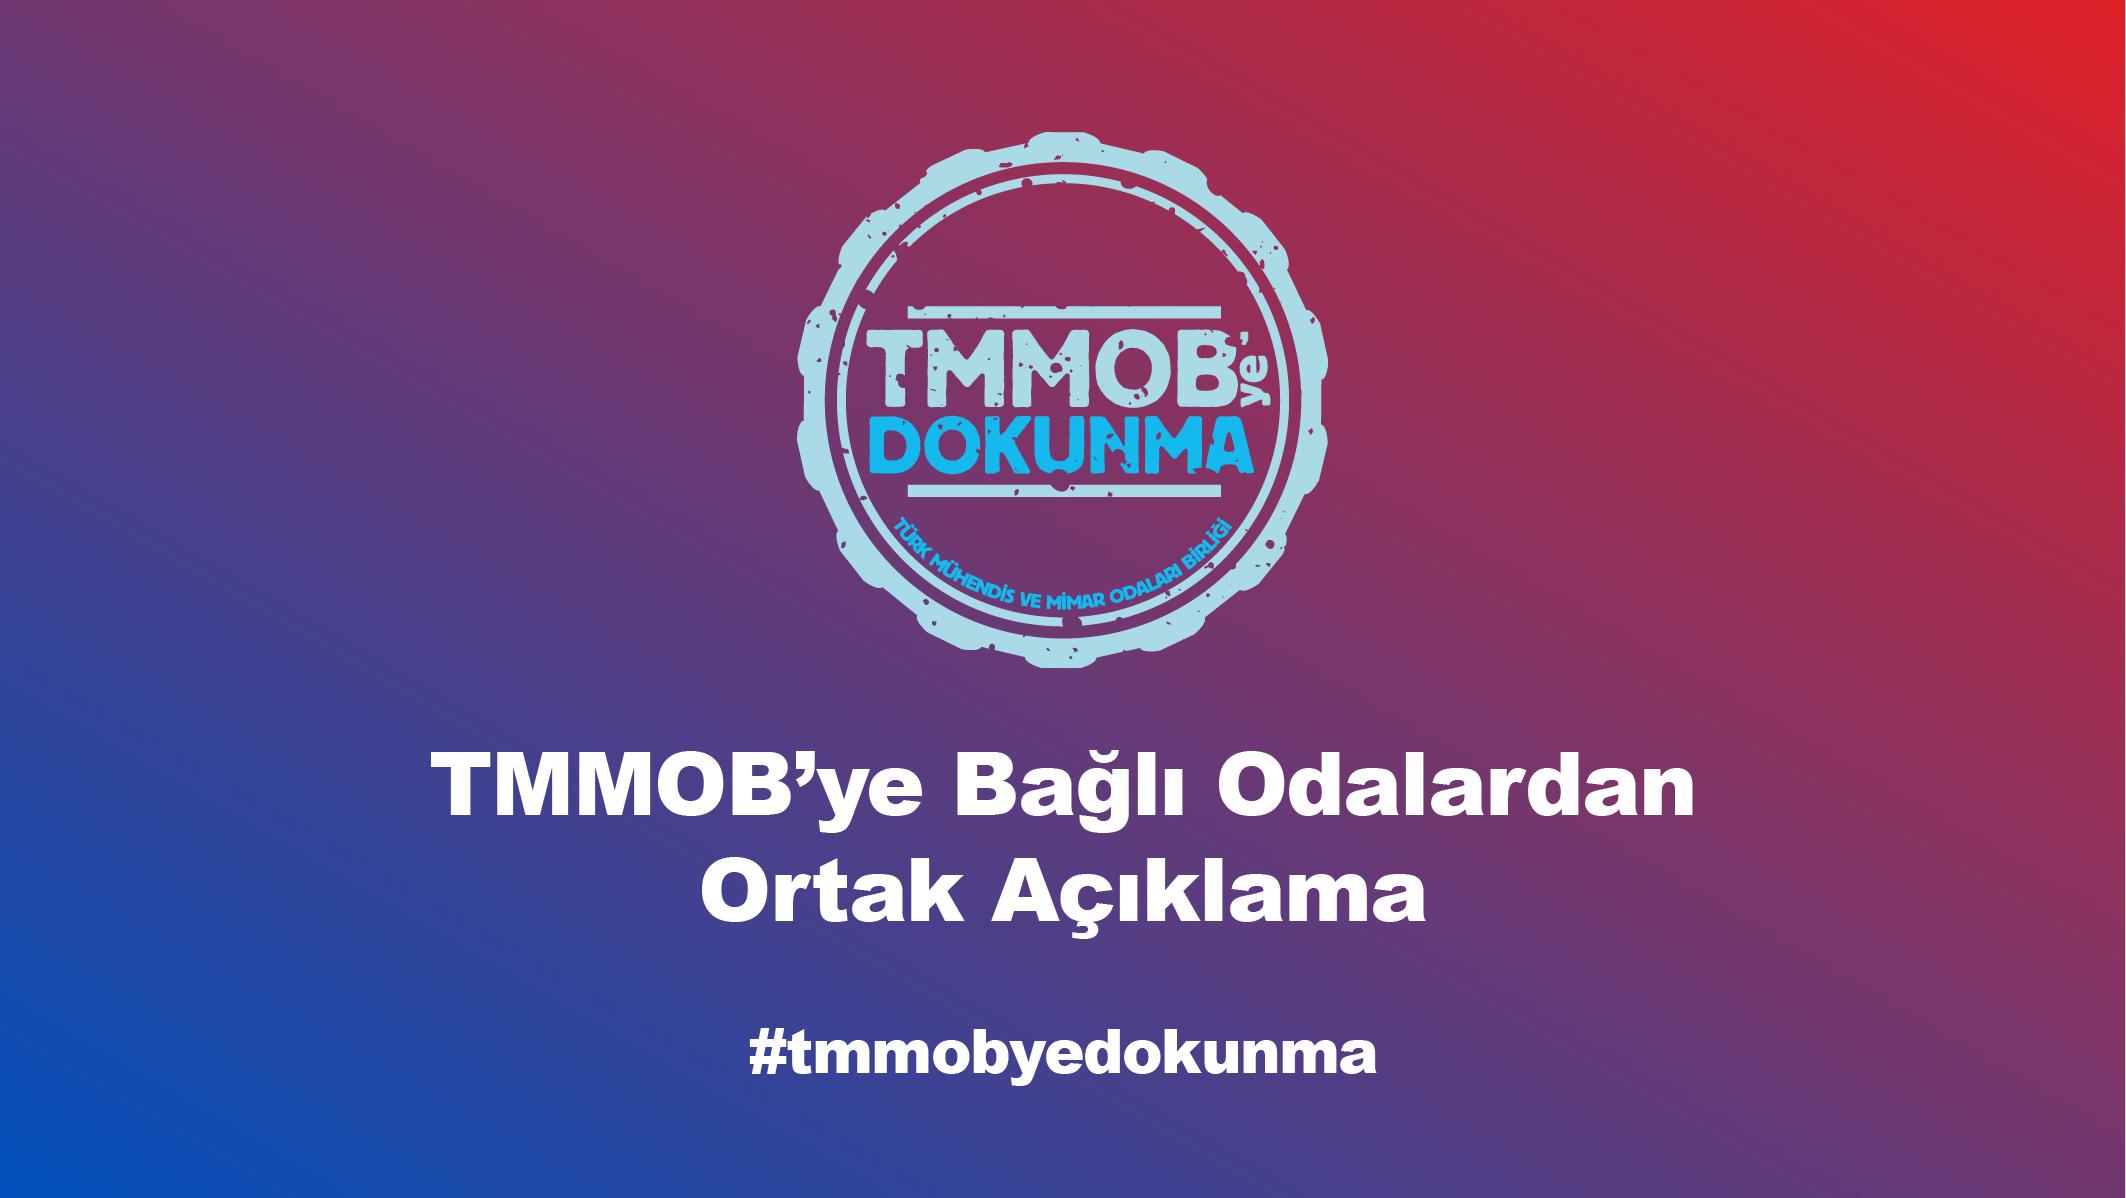 TMMOB'ye Bağlı Odalardan Ortak Açıklama